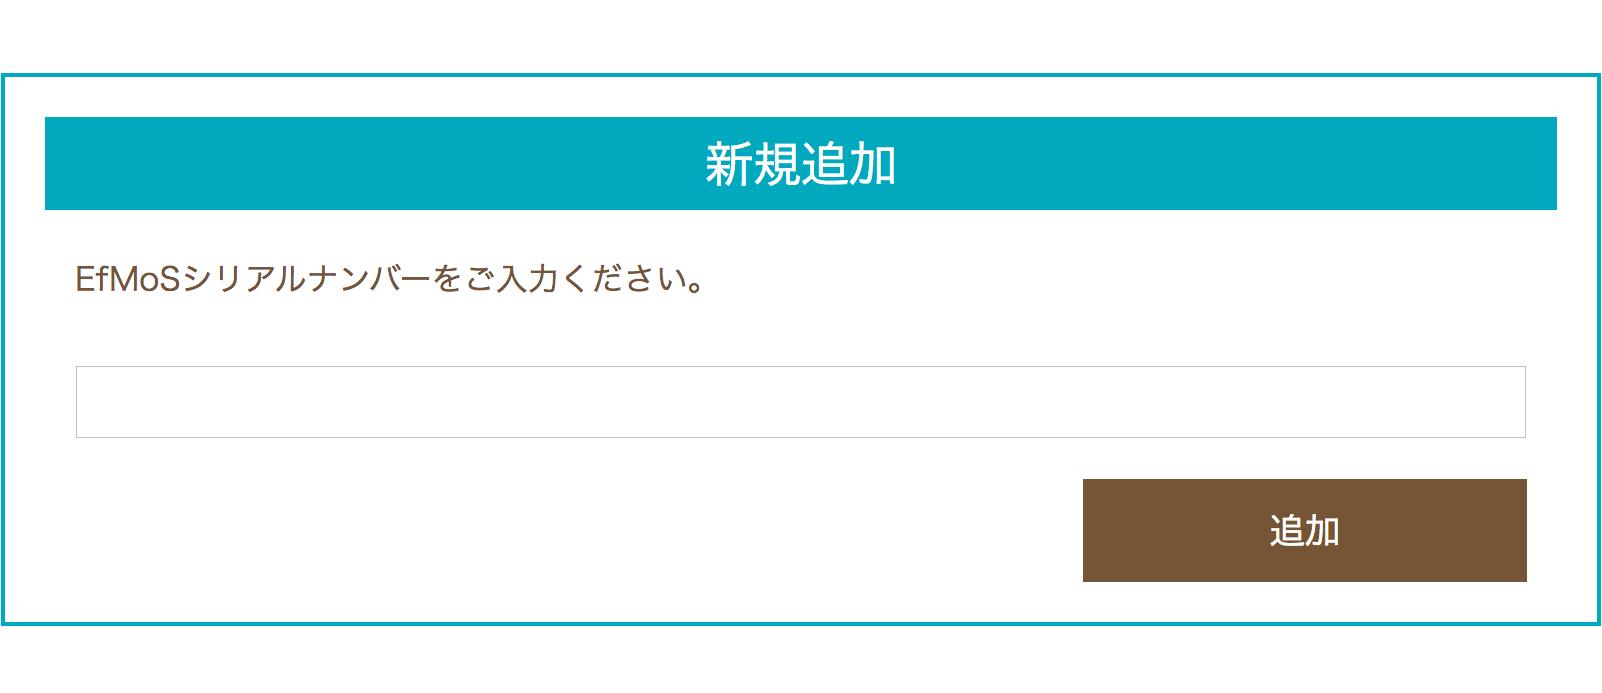 <p>お持ちの複数の機器を登録し、1ページ内で全ての機器の状態を確認する事も可能です。<br> 【ココがすごい!】<br> 複数台の登録機器の状況を一目で閲覧できる!<br> 何台でも登録でき、追加登録や削除はユーザー様で自由に行うことができます。<br> 電気柵を熟知しているメーカーならではの便利システムです。 ユーザー様はこの便利なWEBシステムをフリーで使用することができます</p>